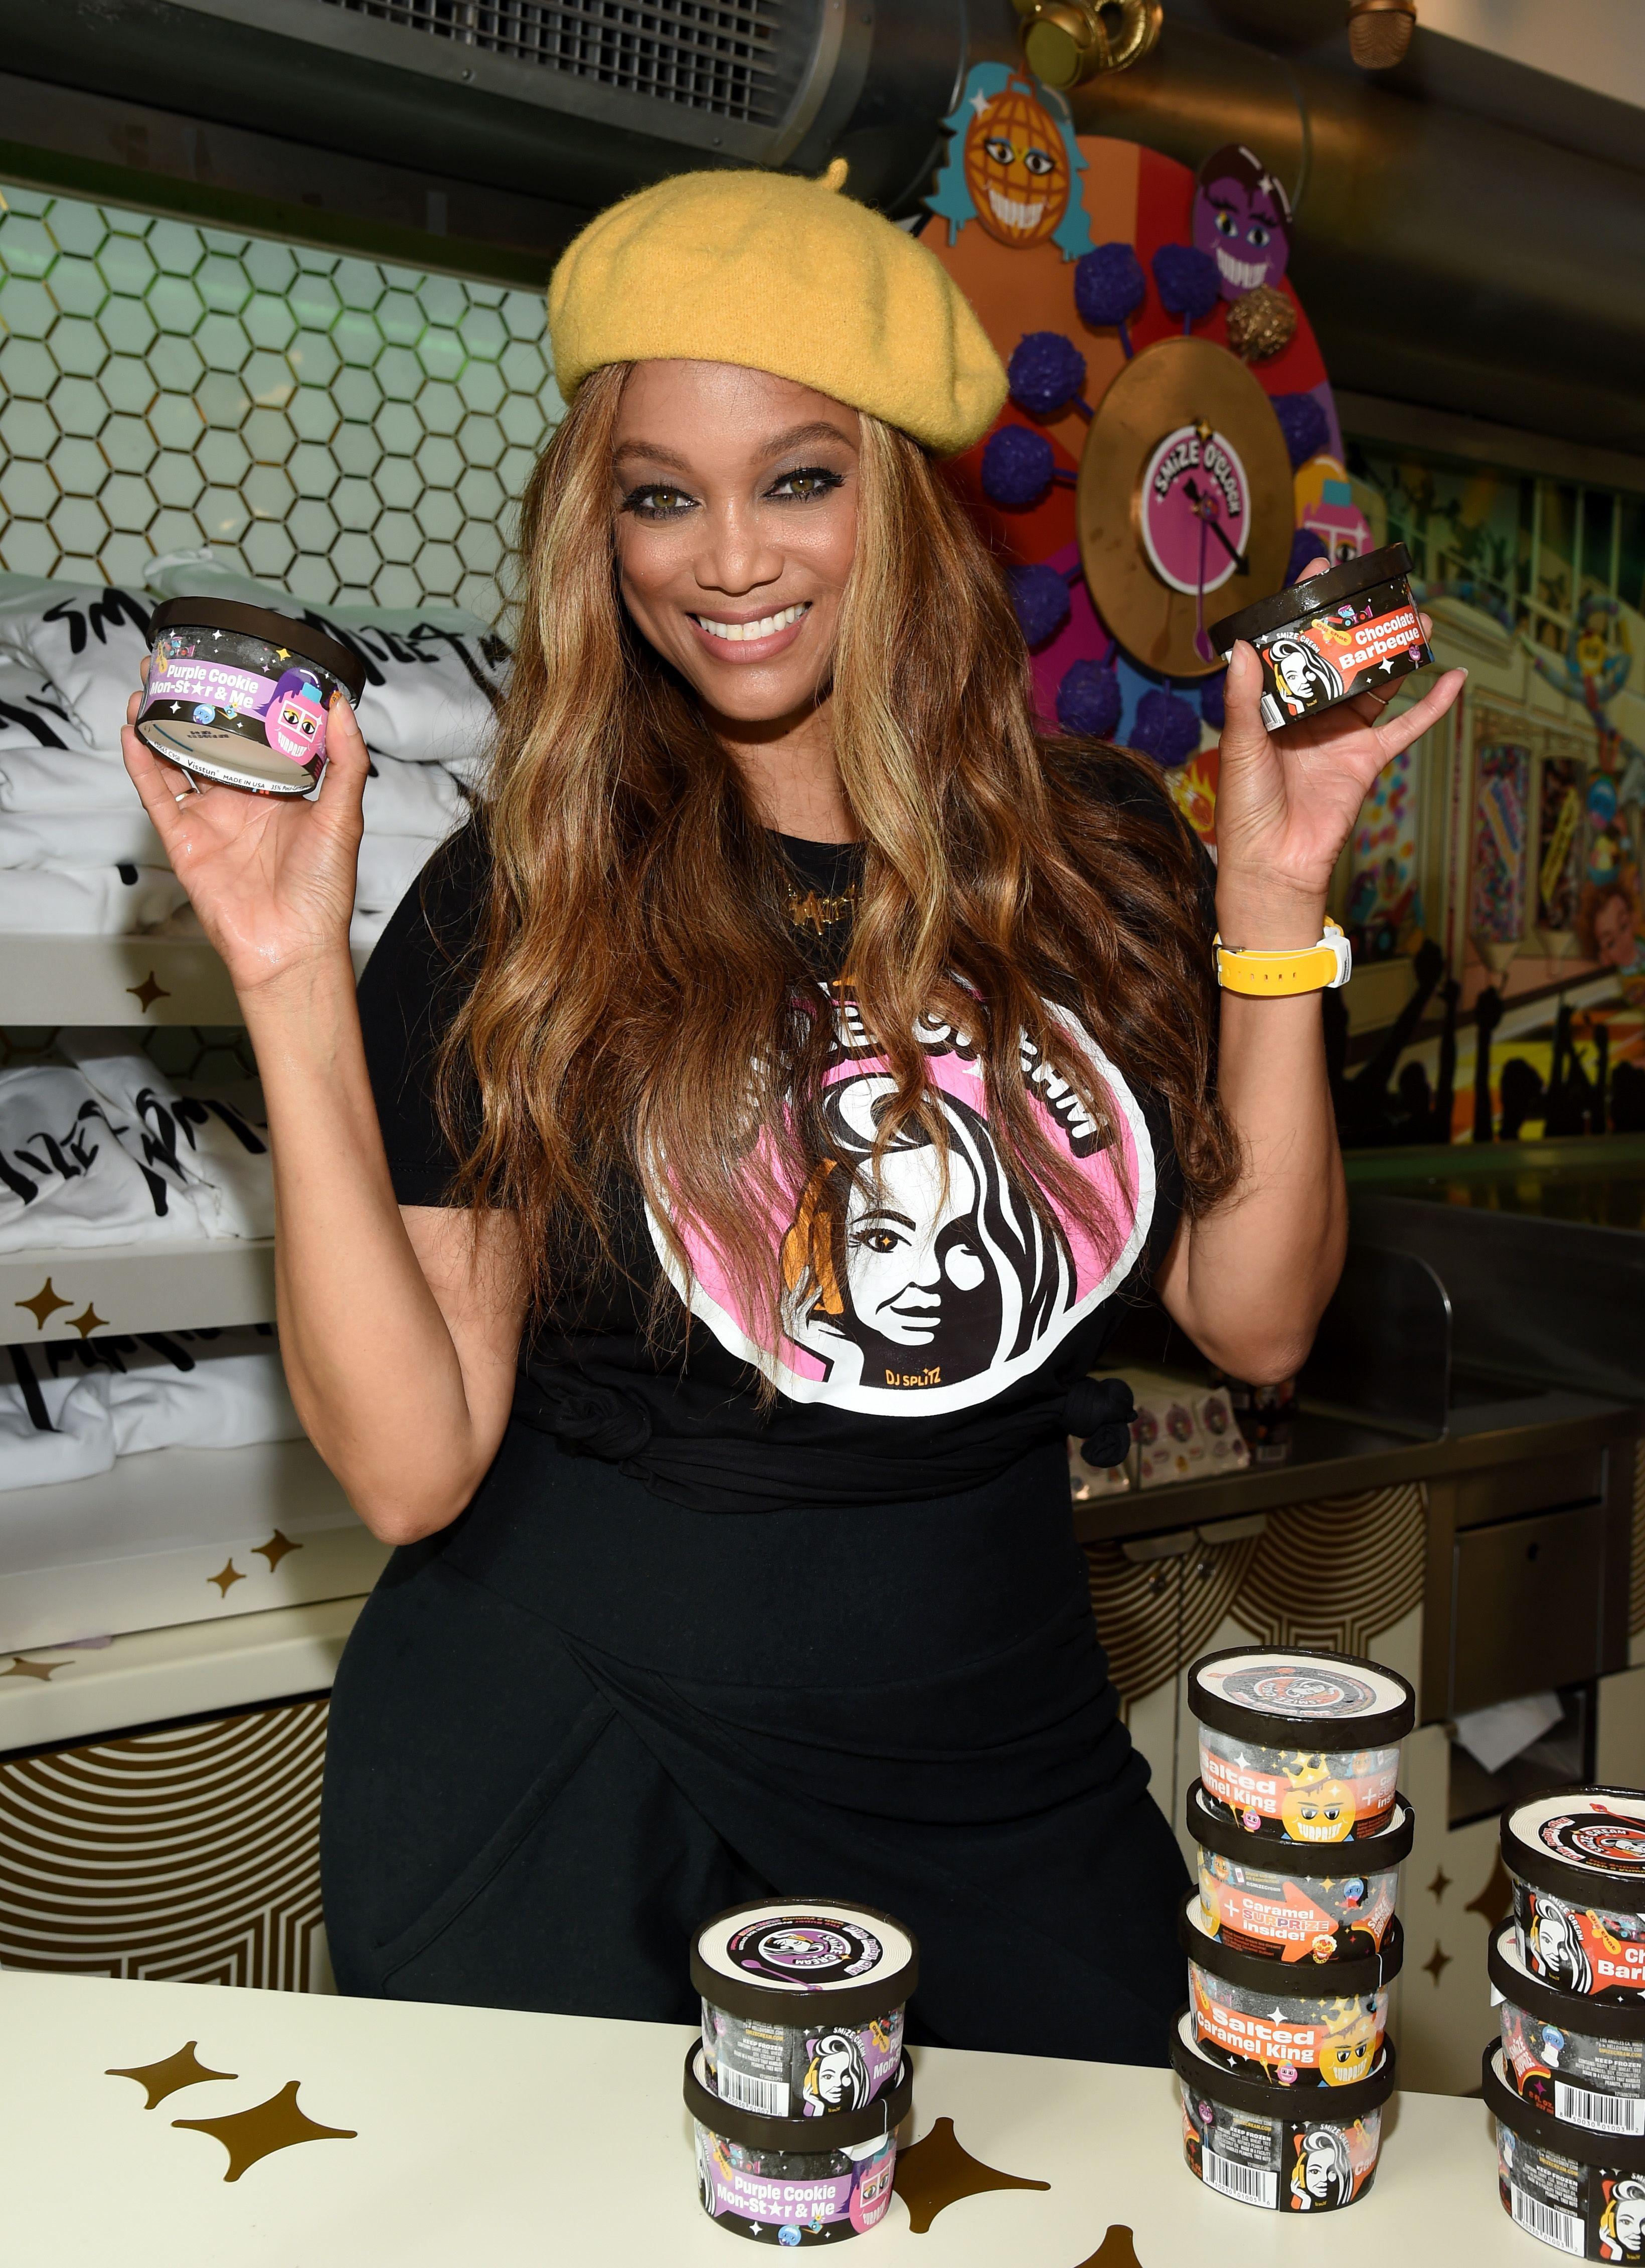 Cos'è Smize, il nuovo marchio di gelati fondato da Tyra Banks e dedicato alle memorie d'infanzia